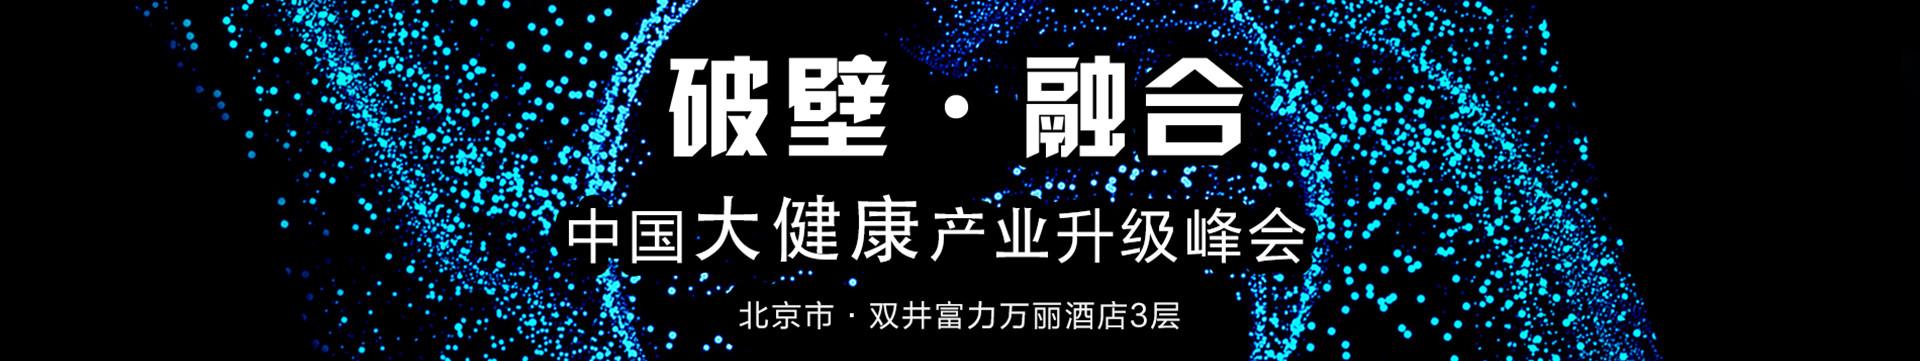 亿欧2017中国大健康产业升级峰会